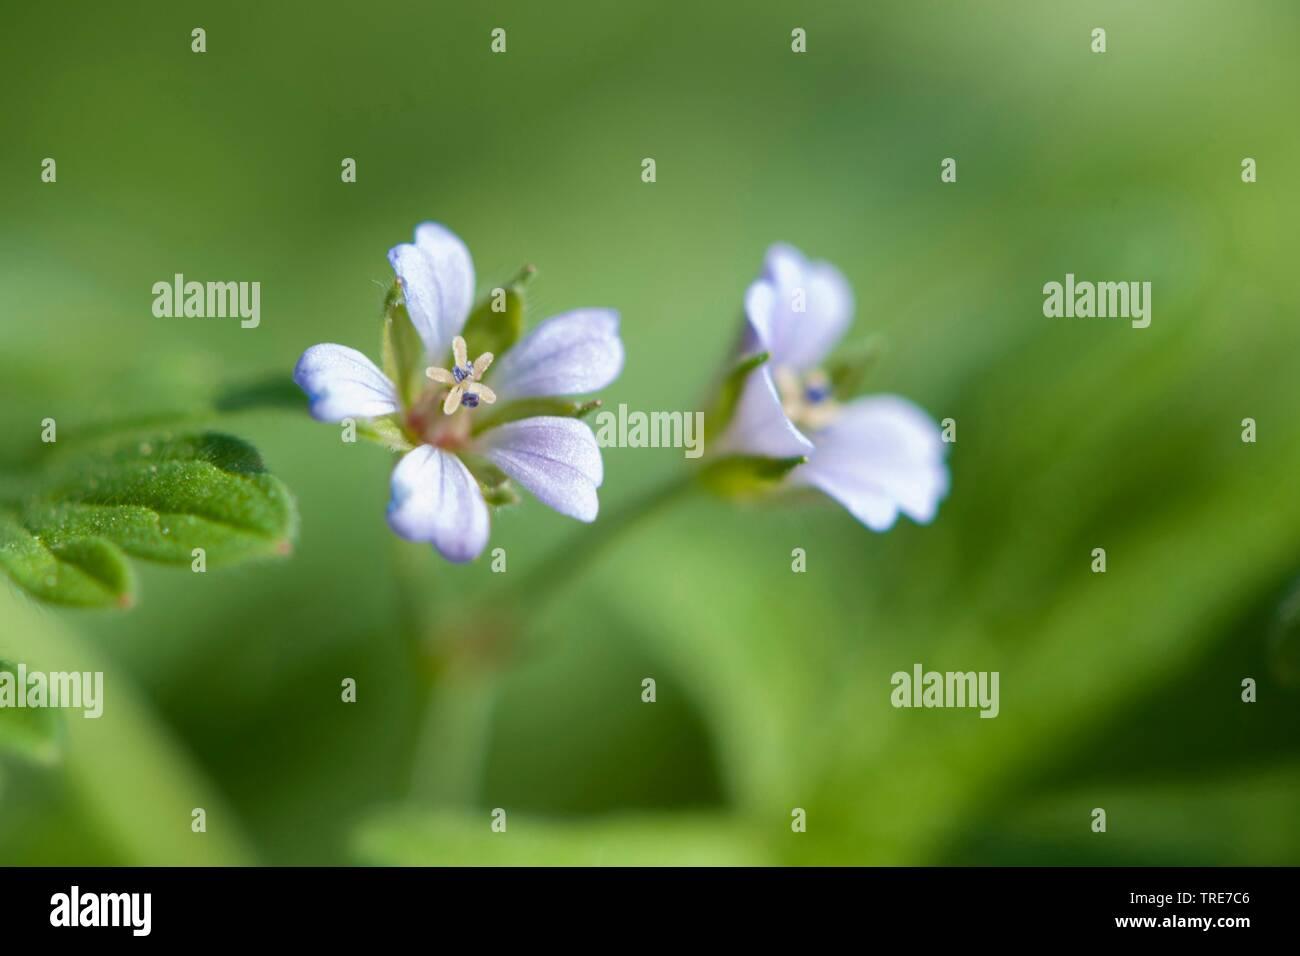 Kleiner Storchschnabel, Zwerg-Storchschnabel, Zwergstorchschnabel (Geranium pusillum), bluehend, Deutschland   Small-flowered cranesbill, Traveler's g - Stock Image